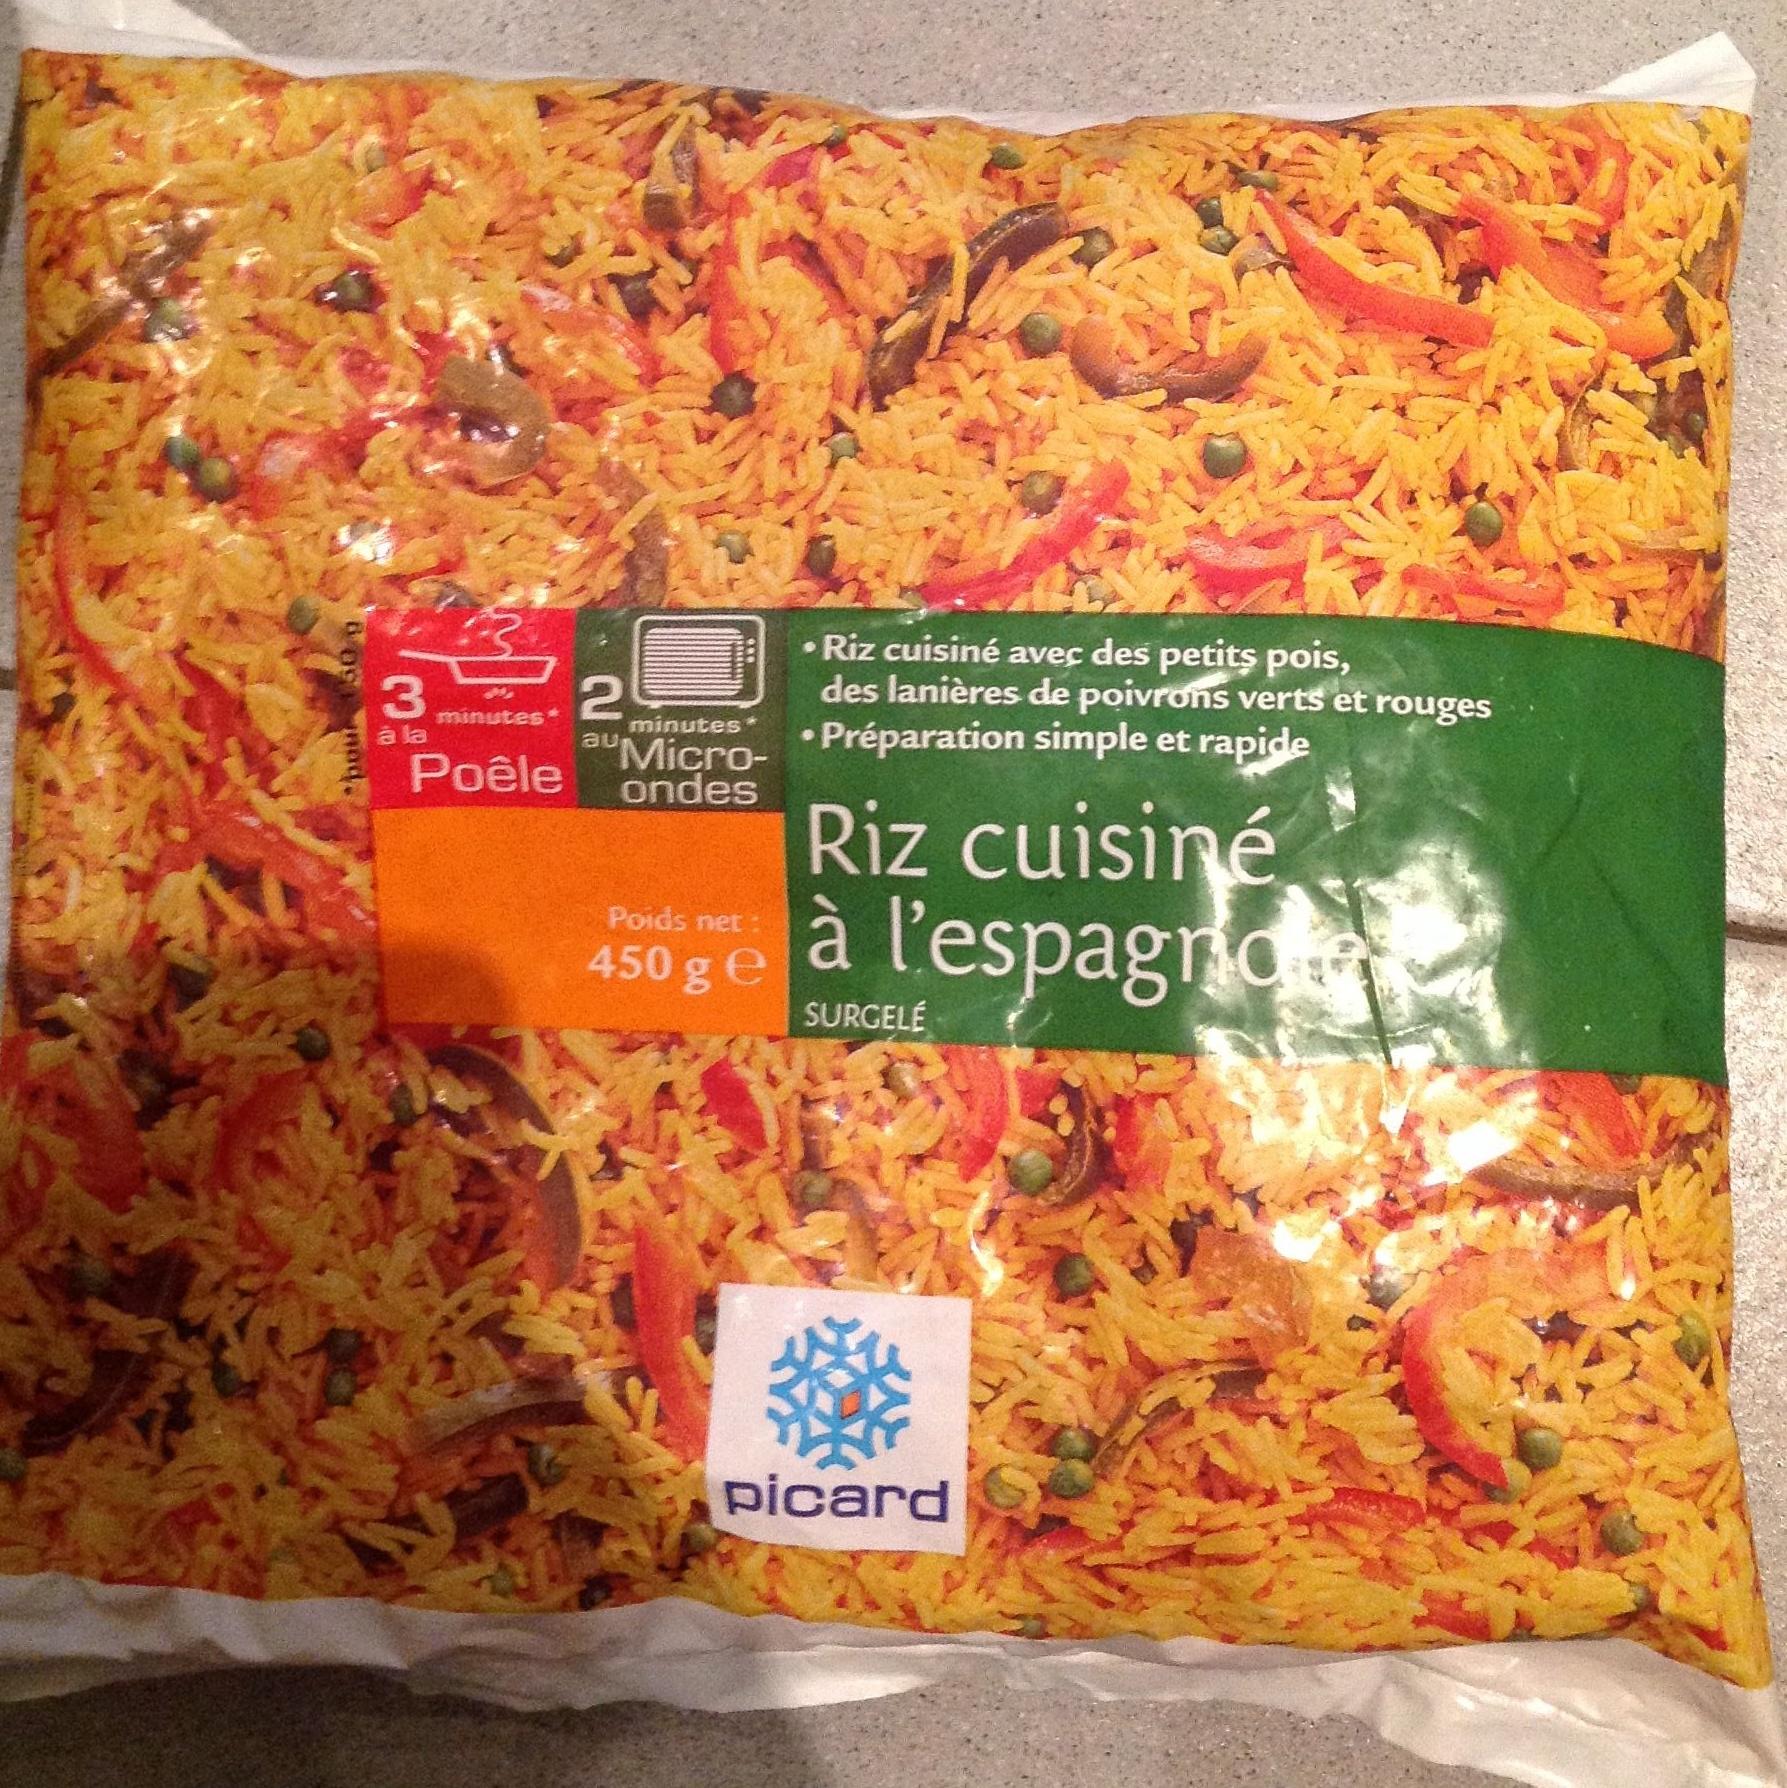 riz cuisiné à l'espagnole - picard - 450 g